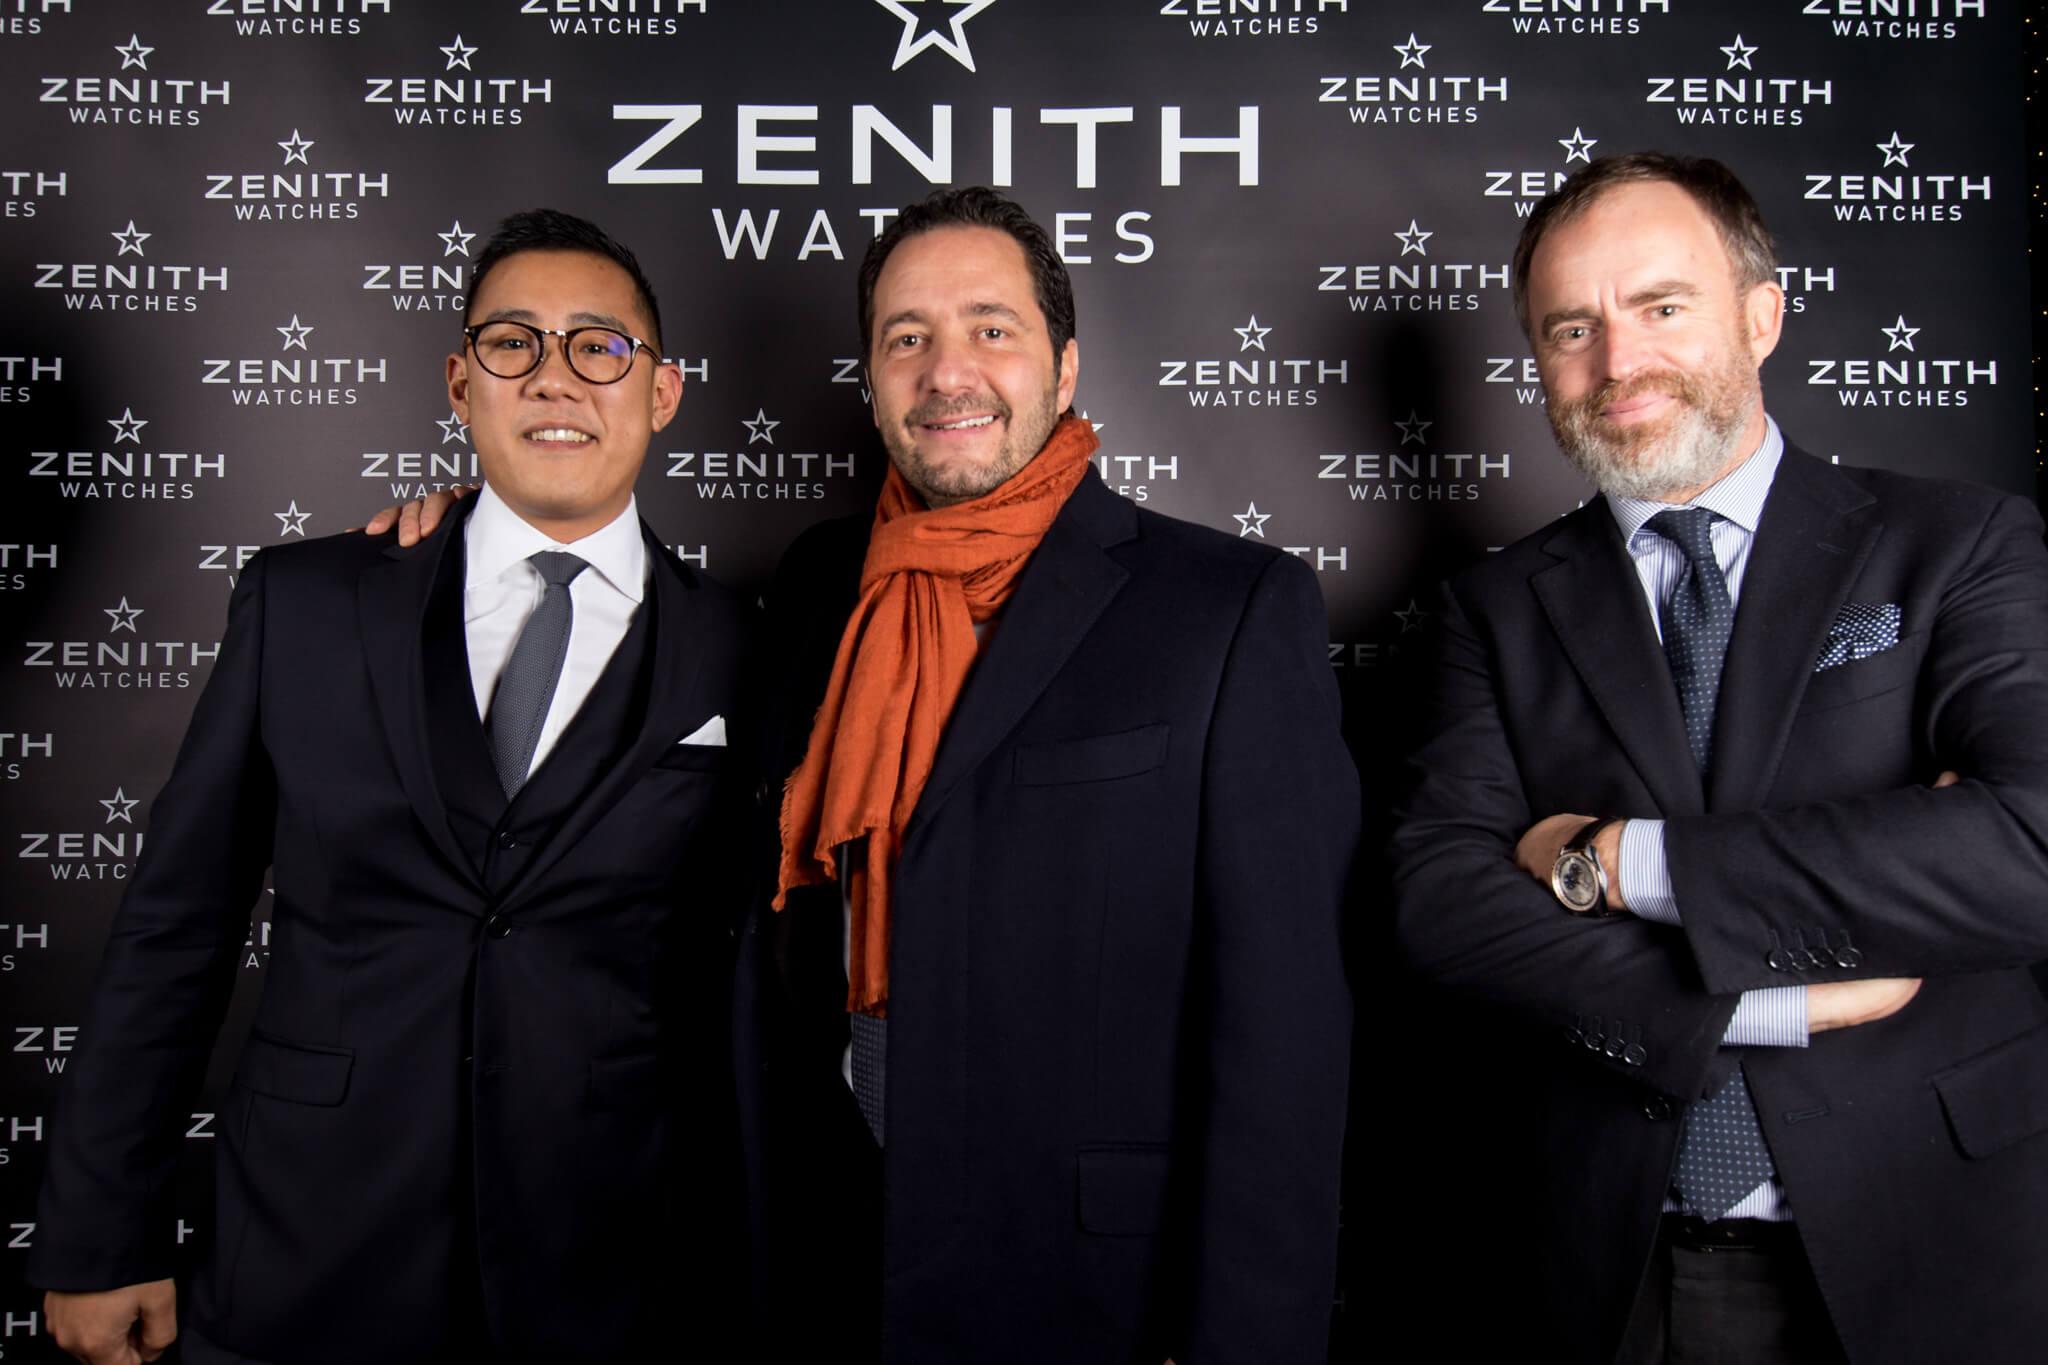 Zenith Vendôme Henri Trinh Directeur boutique Vendôme, Julien Tornare CEO Zenith et Arnaud Vidal DG Zenith France et Belux